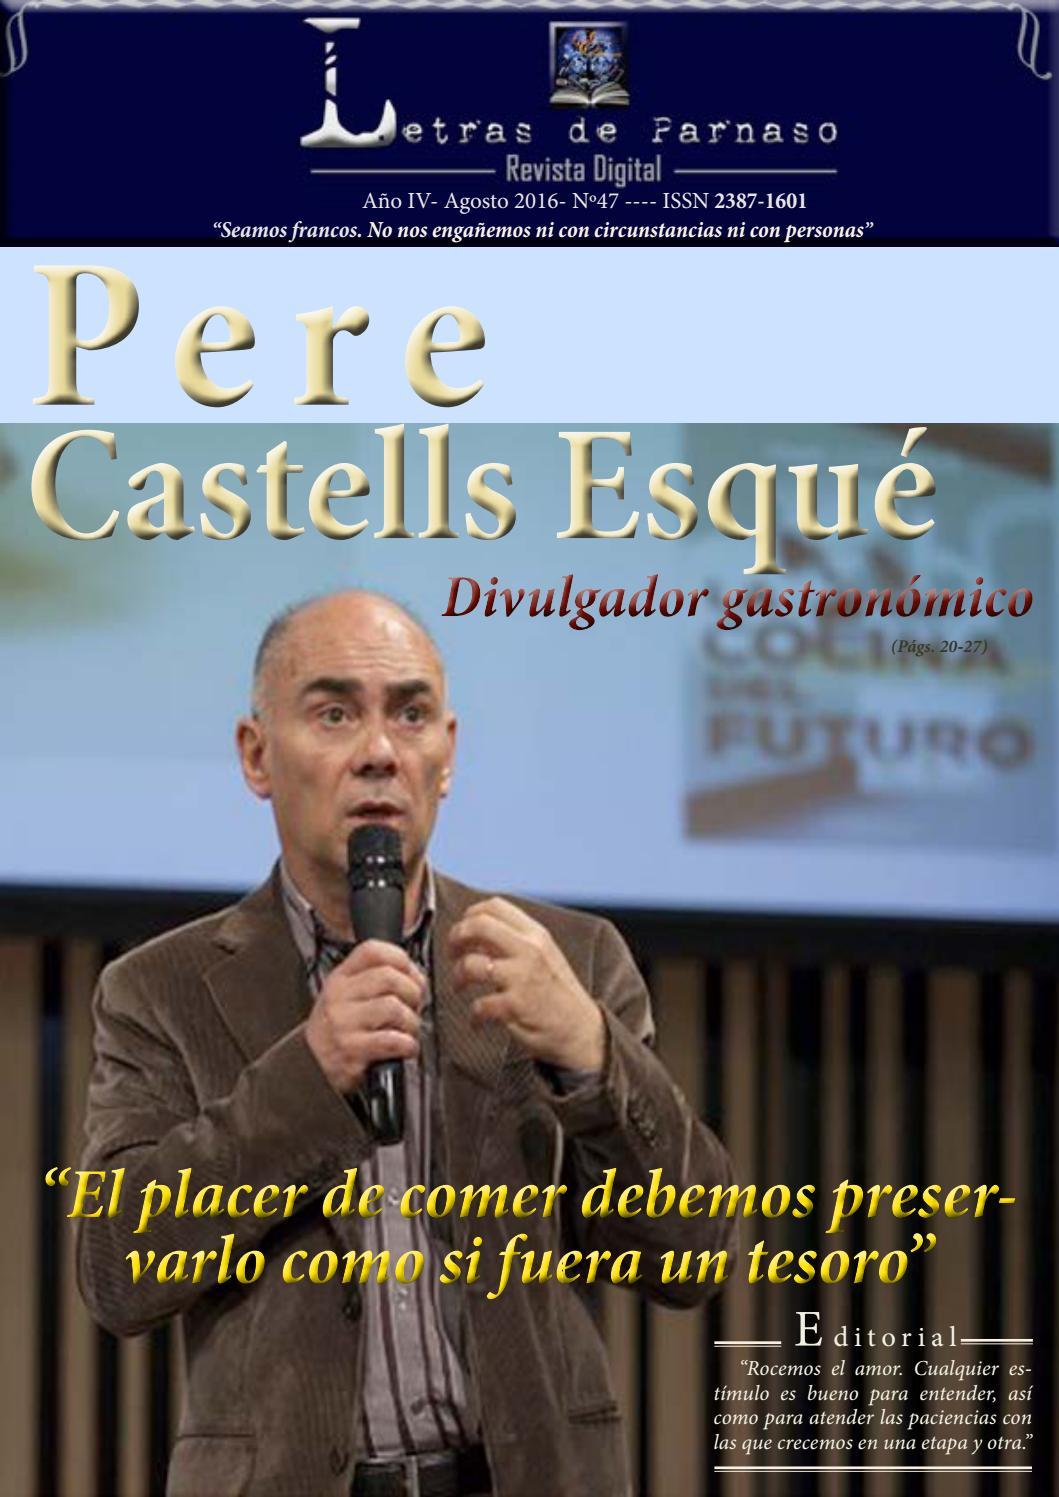 Edicion47 by Juan Antonio Pellicer - issuu 928ae4d085fe0